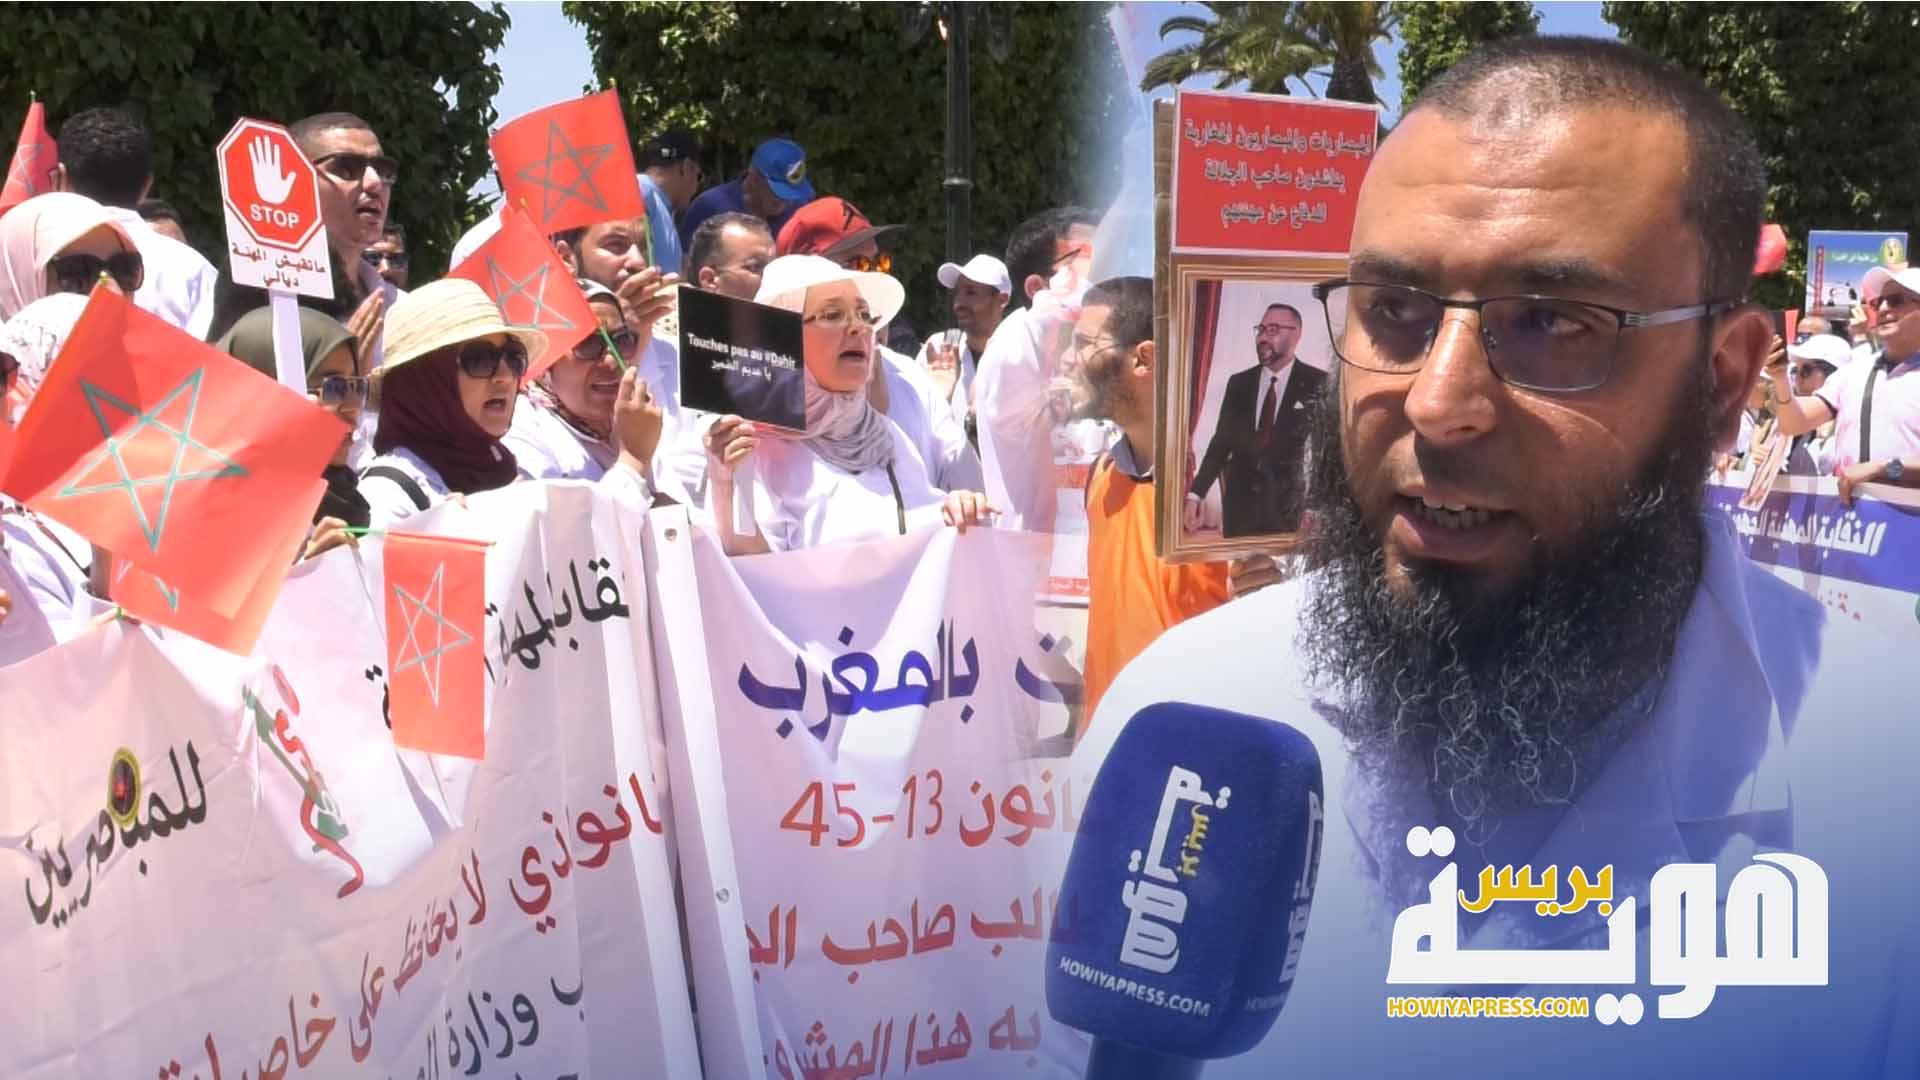 احتجاج النظاراتيين المبصريين على وزارة التربية الوطنية بسبب الوضعية القانونية لمهنتهم